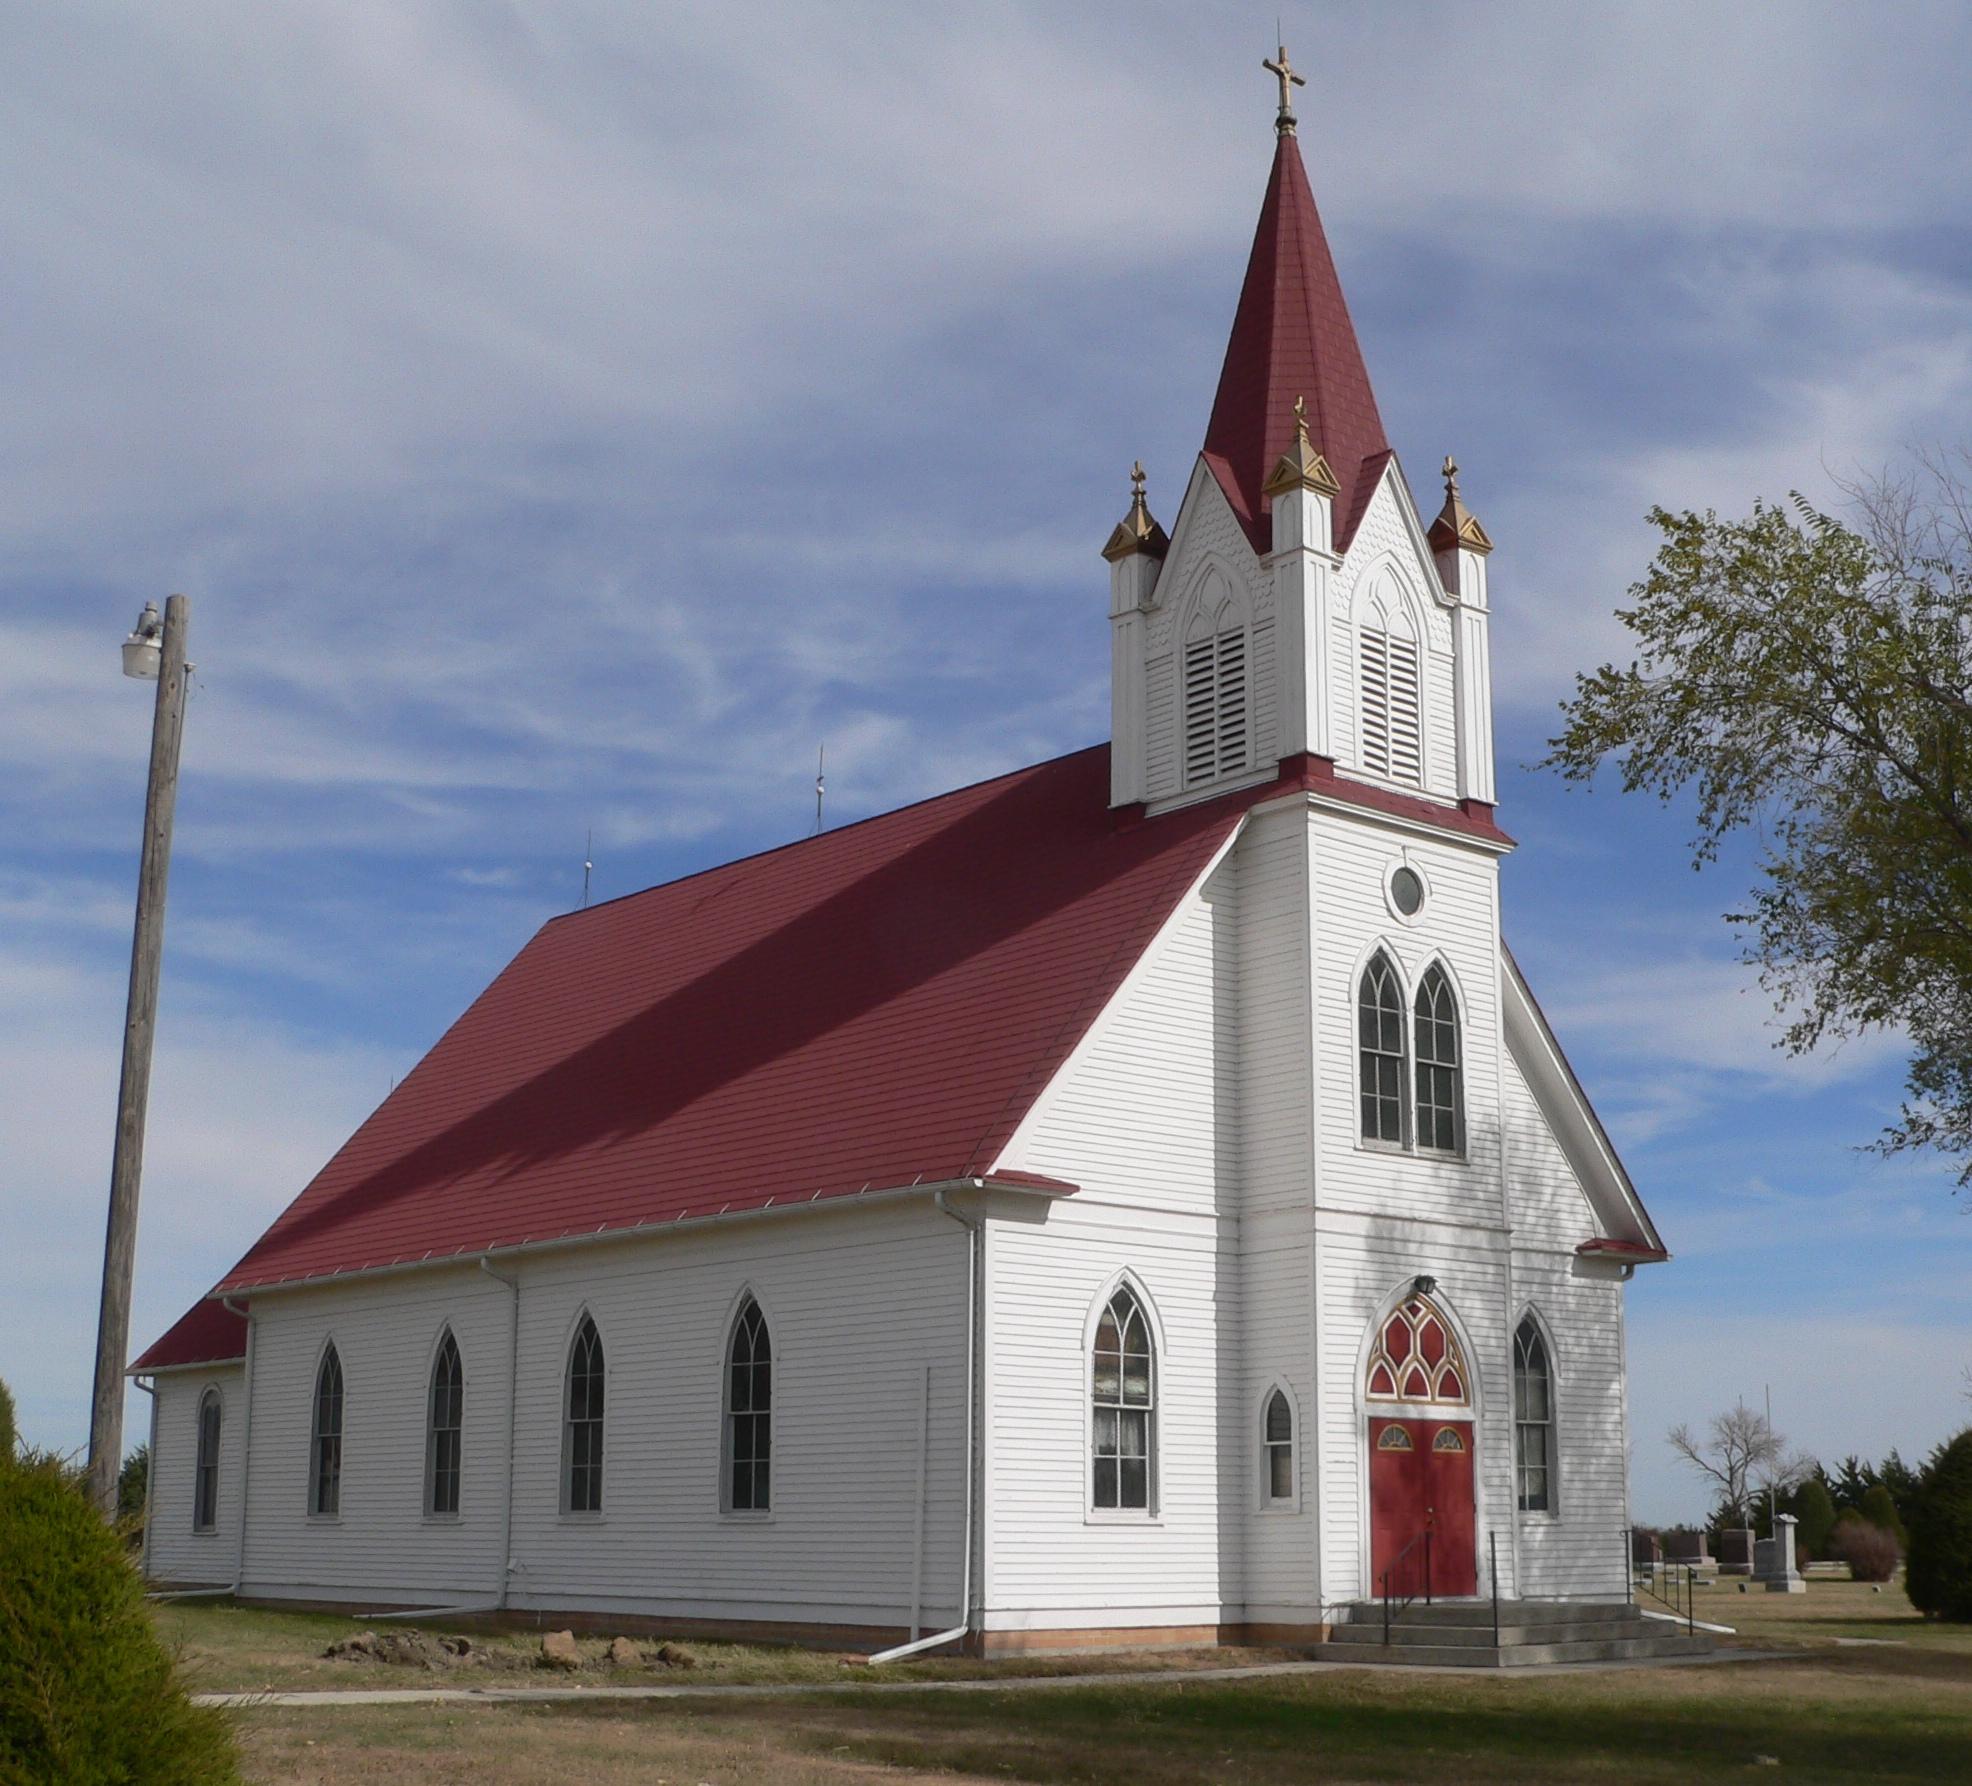 Αποτέλεσμα εικόνας για swedish church